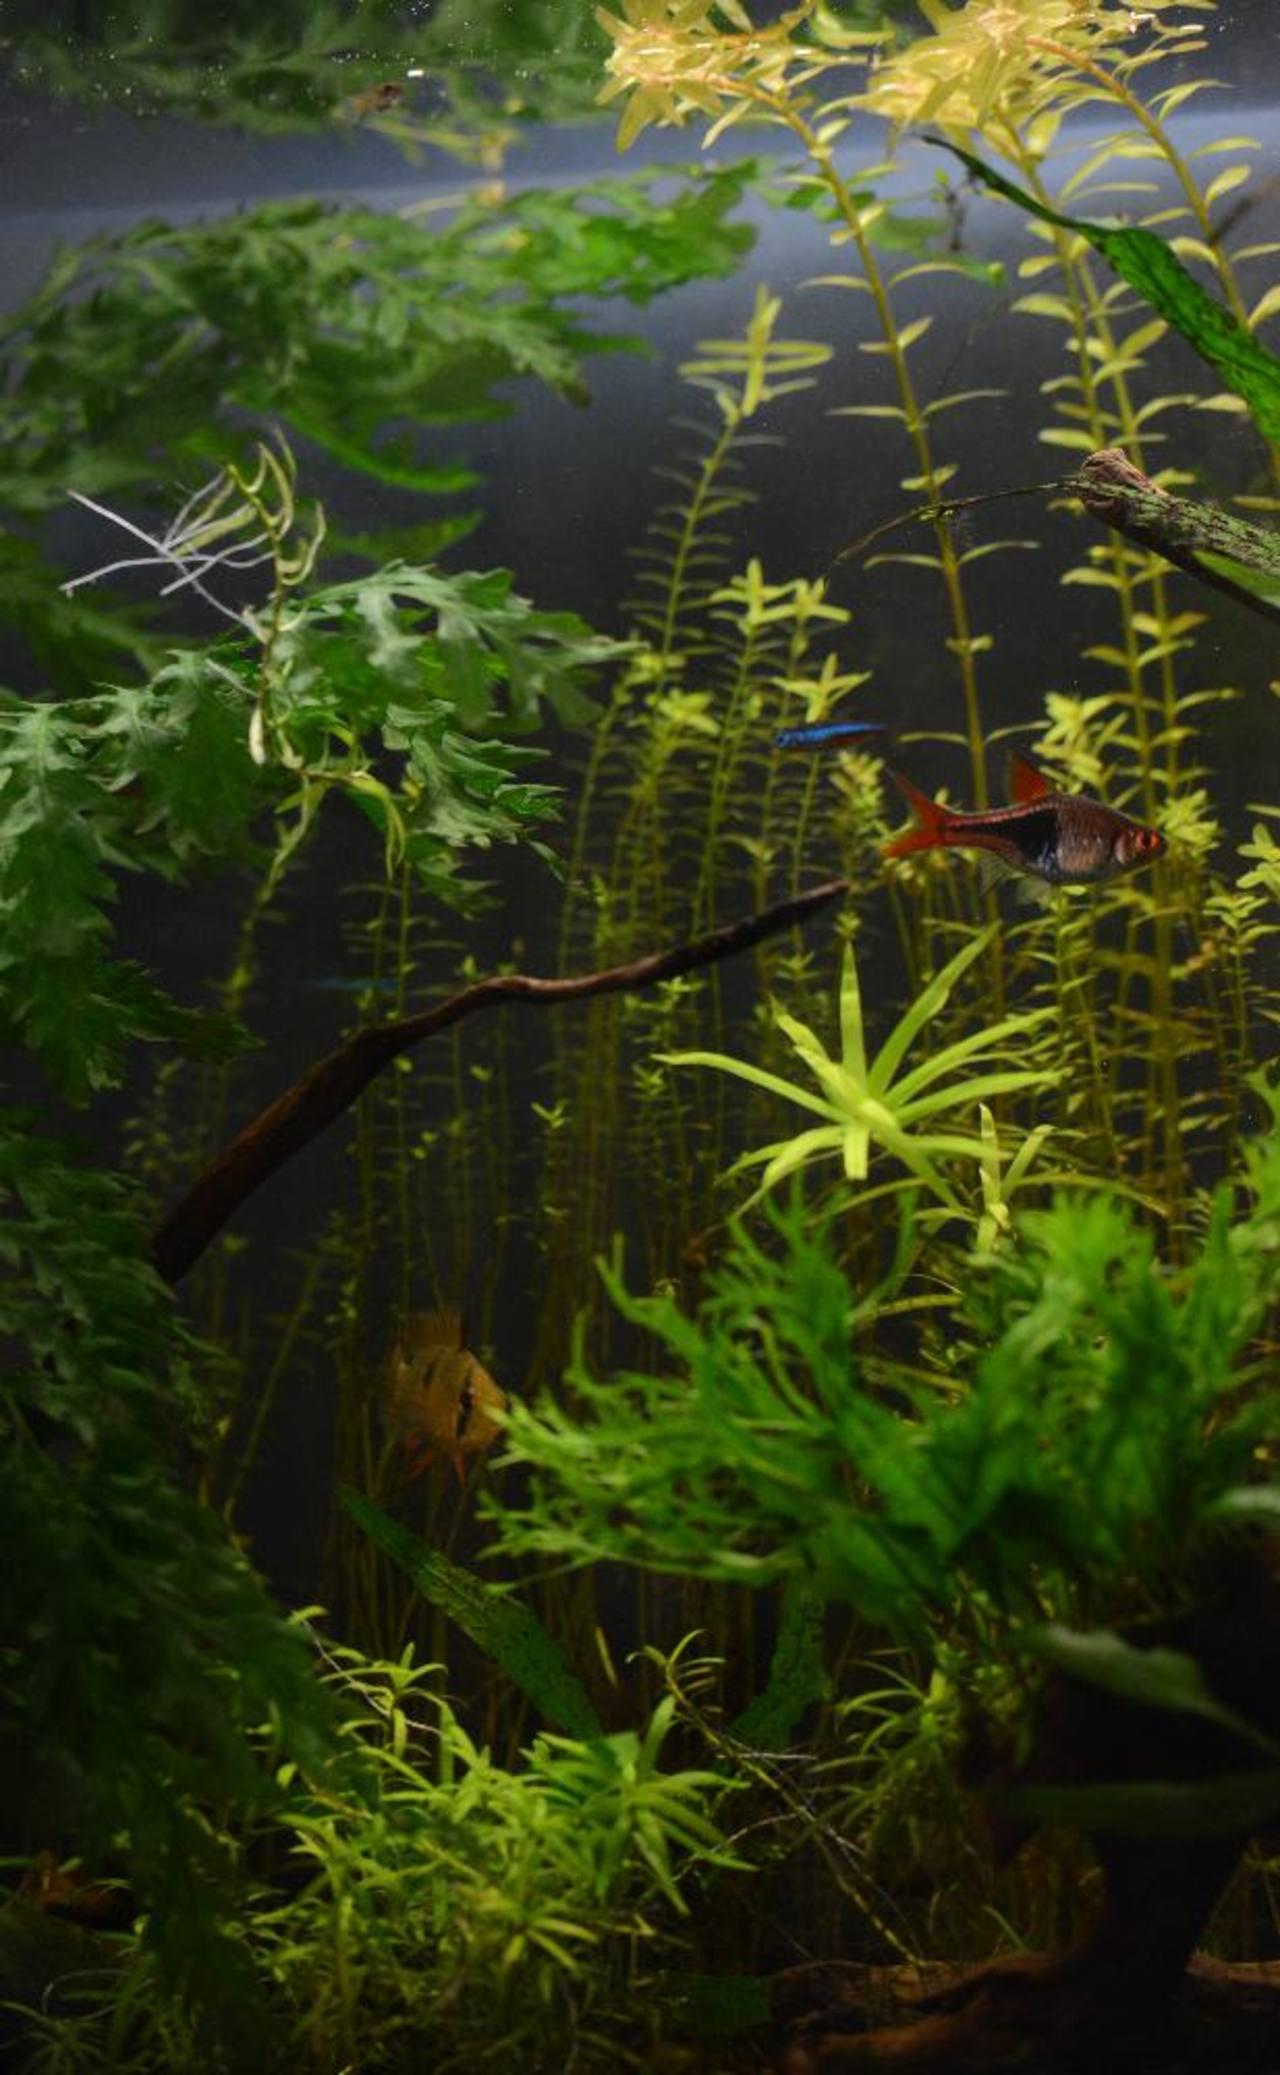 Imagen de un jardín acuático donde habitan peces y plantas de distintas especies.